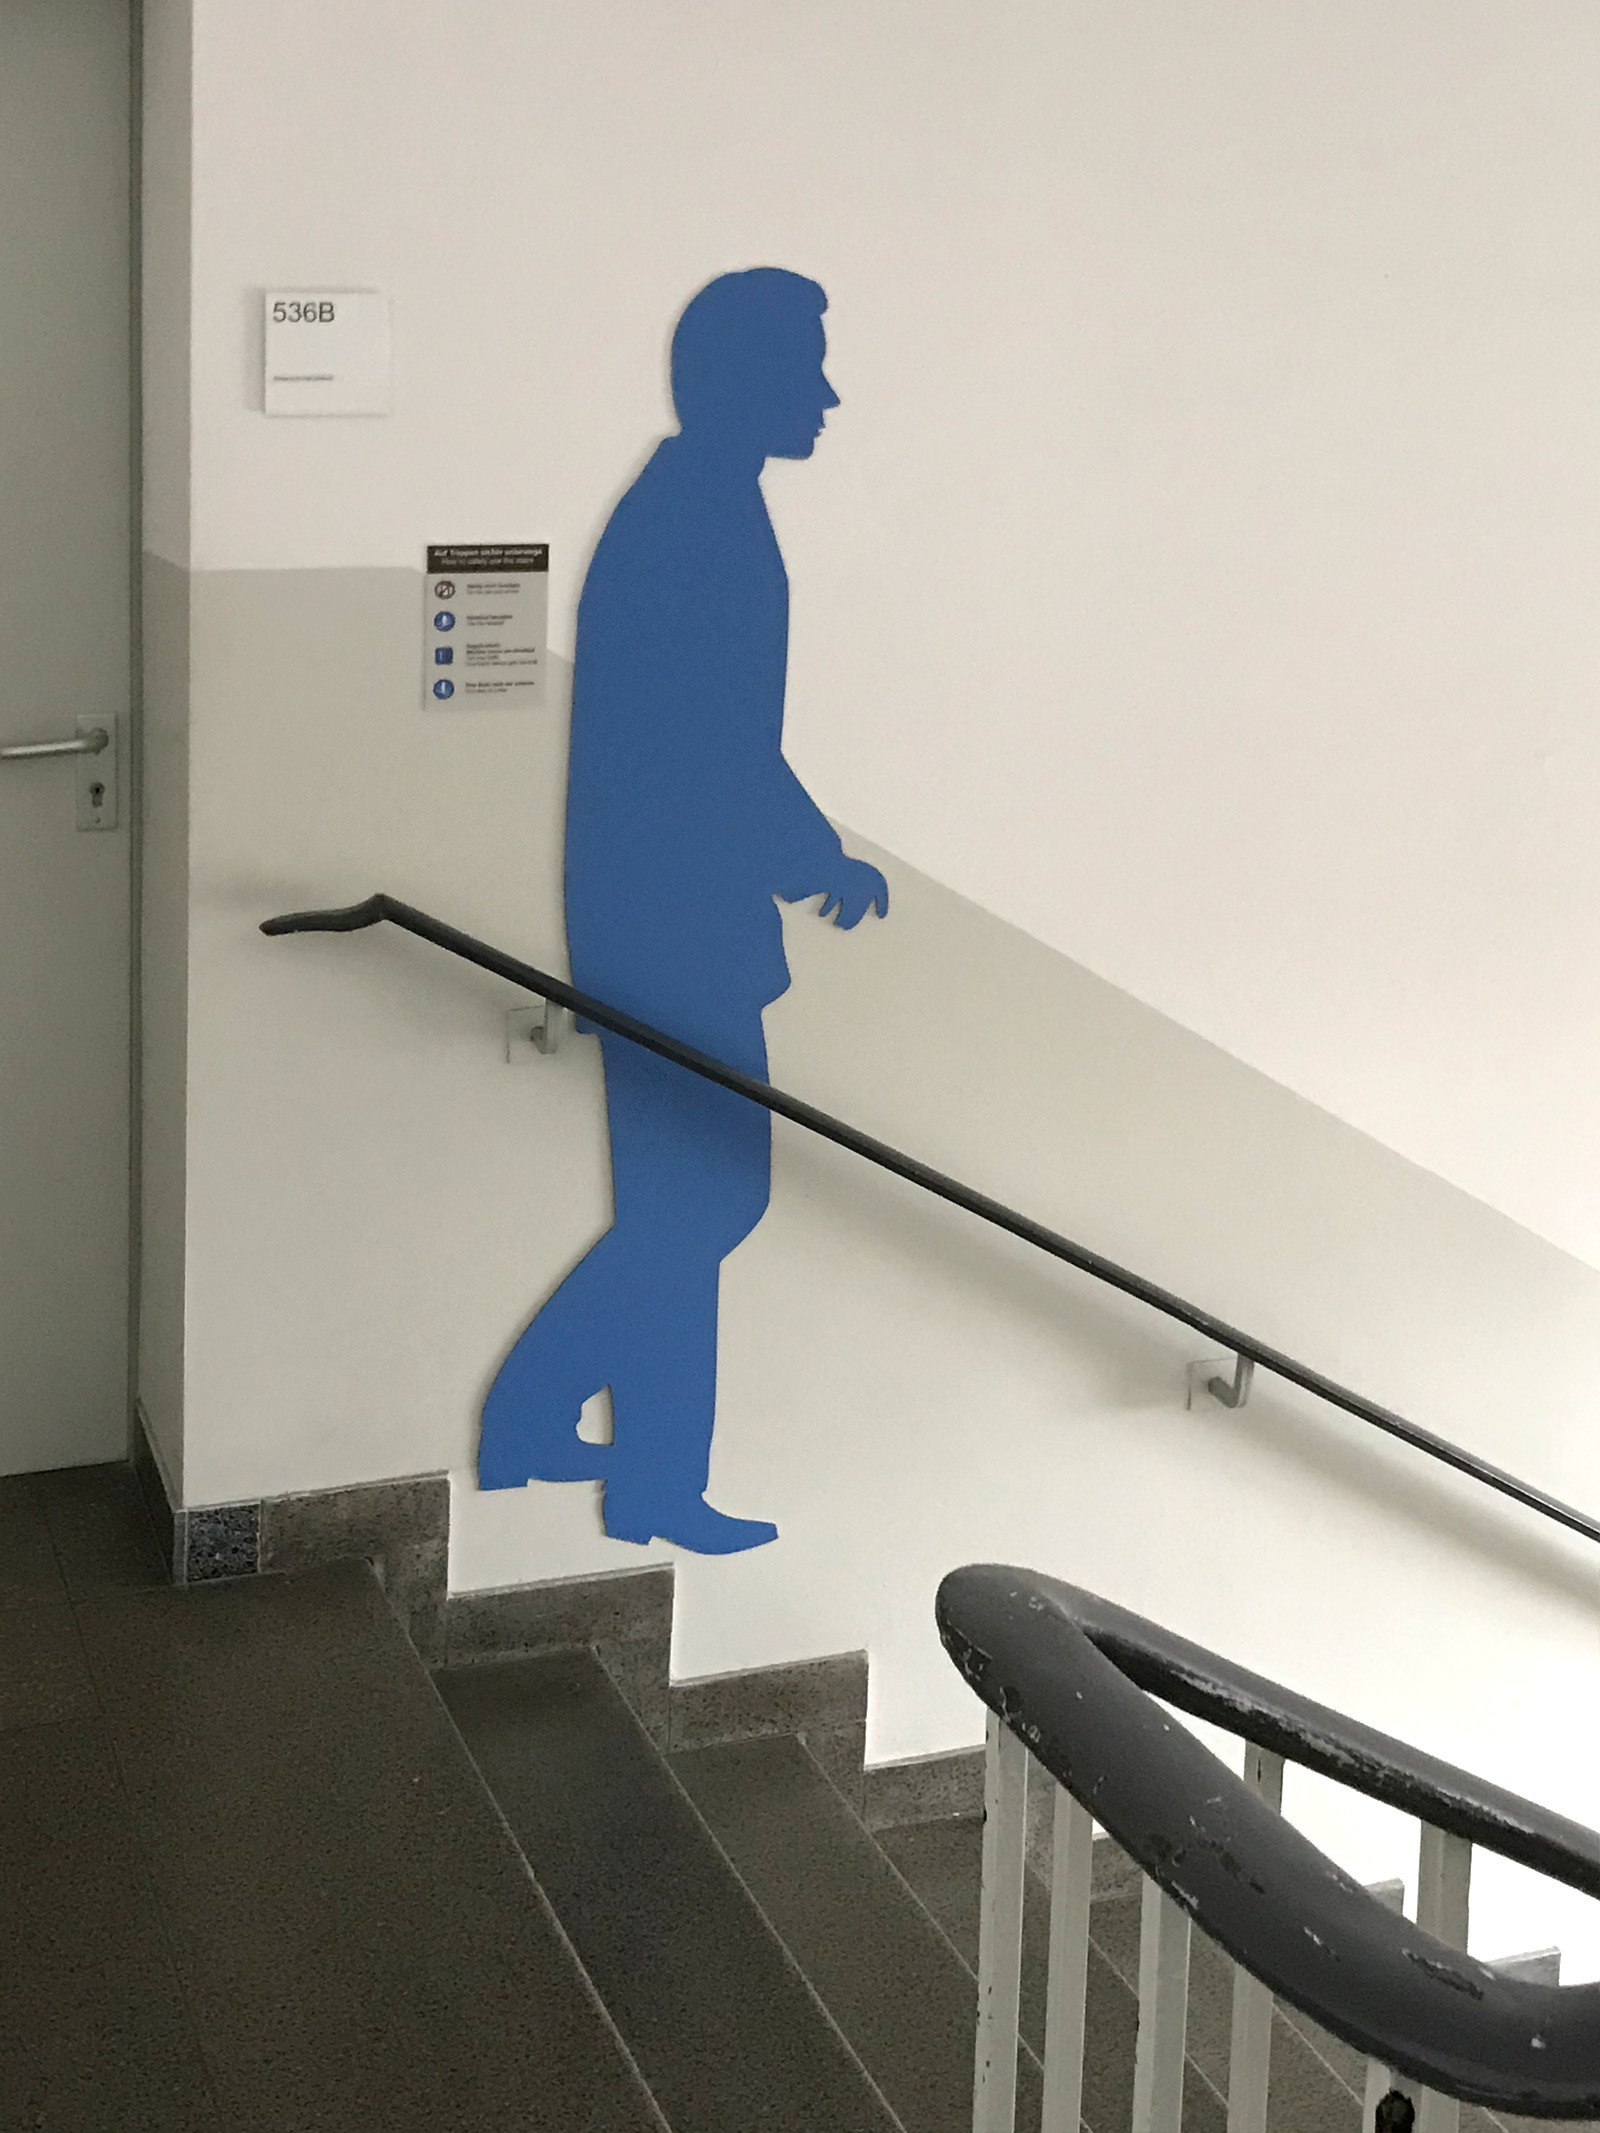 Blaue männliche Schattenfigur in einem Treppenhaus an der Wand